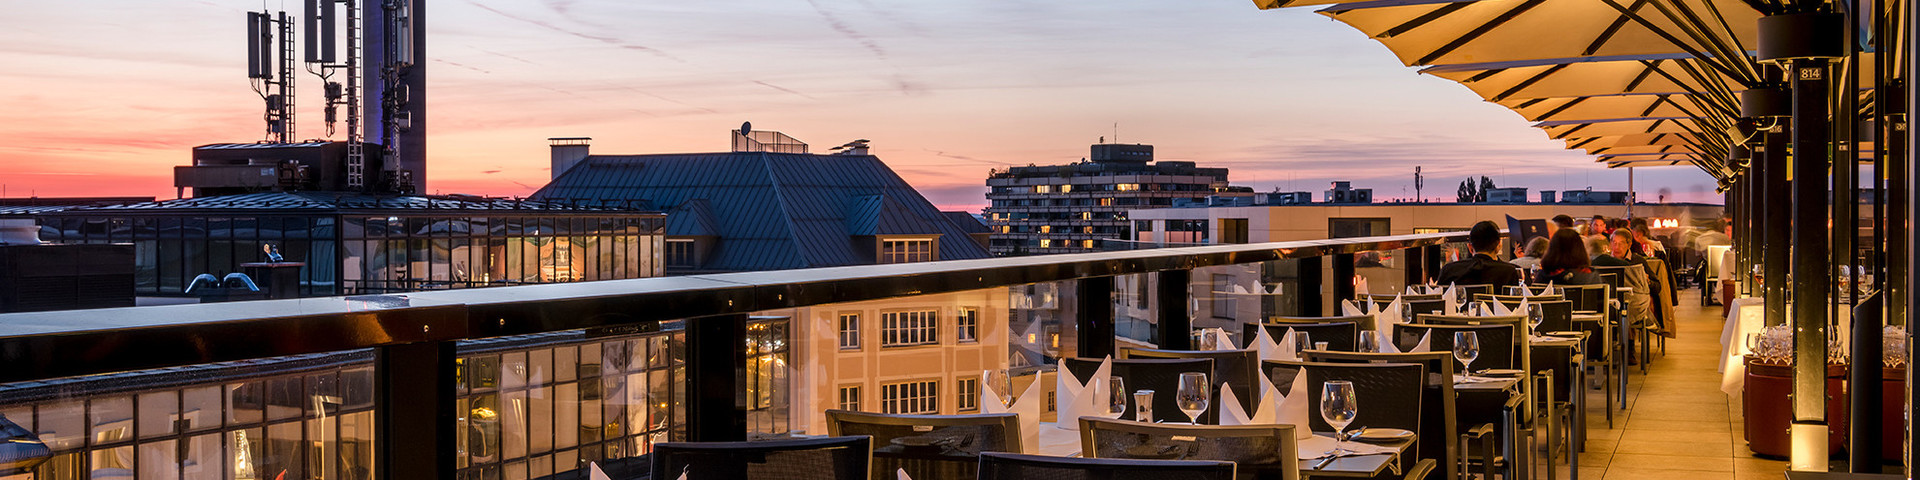 IMLAUER HOTEL PITTER Salzburg - Terrasse Skyline Abend © IMLAUER HOTEL PITTER Salzburg.